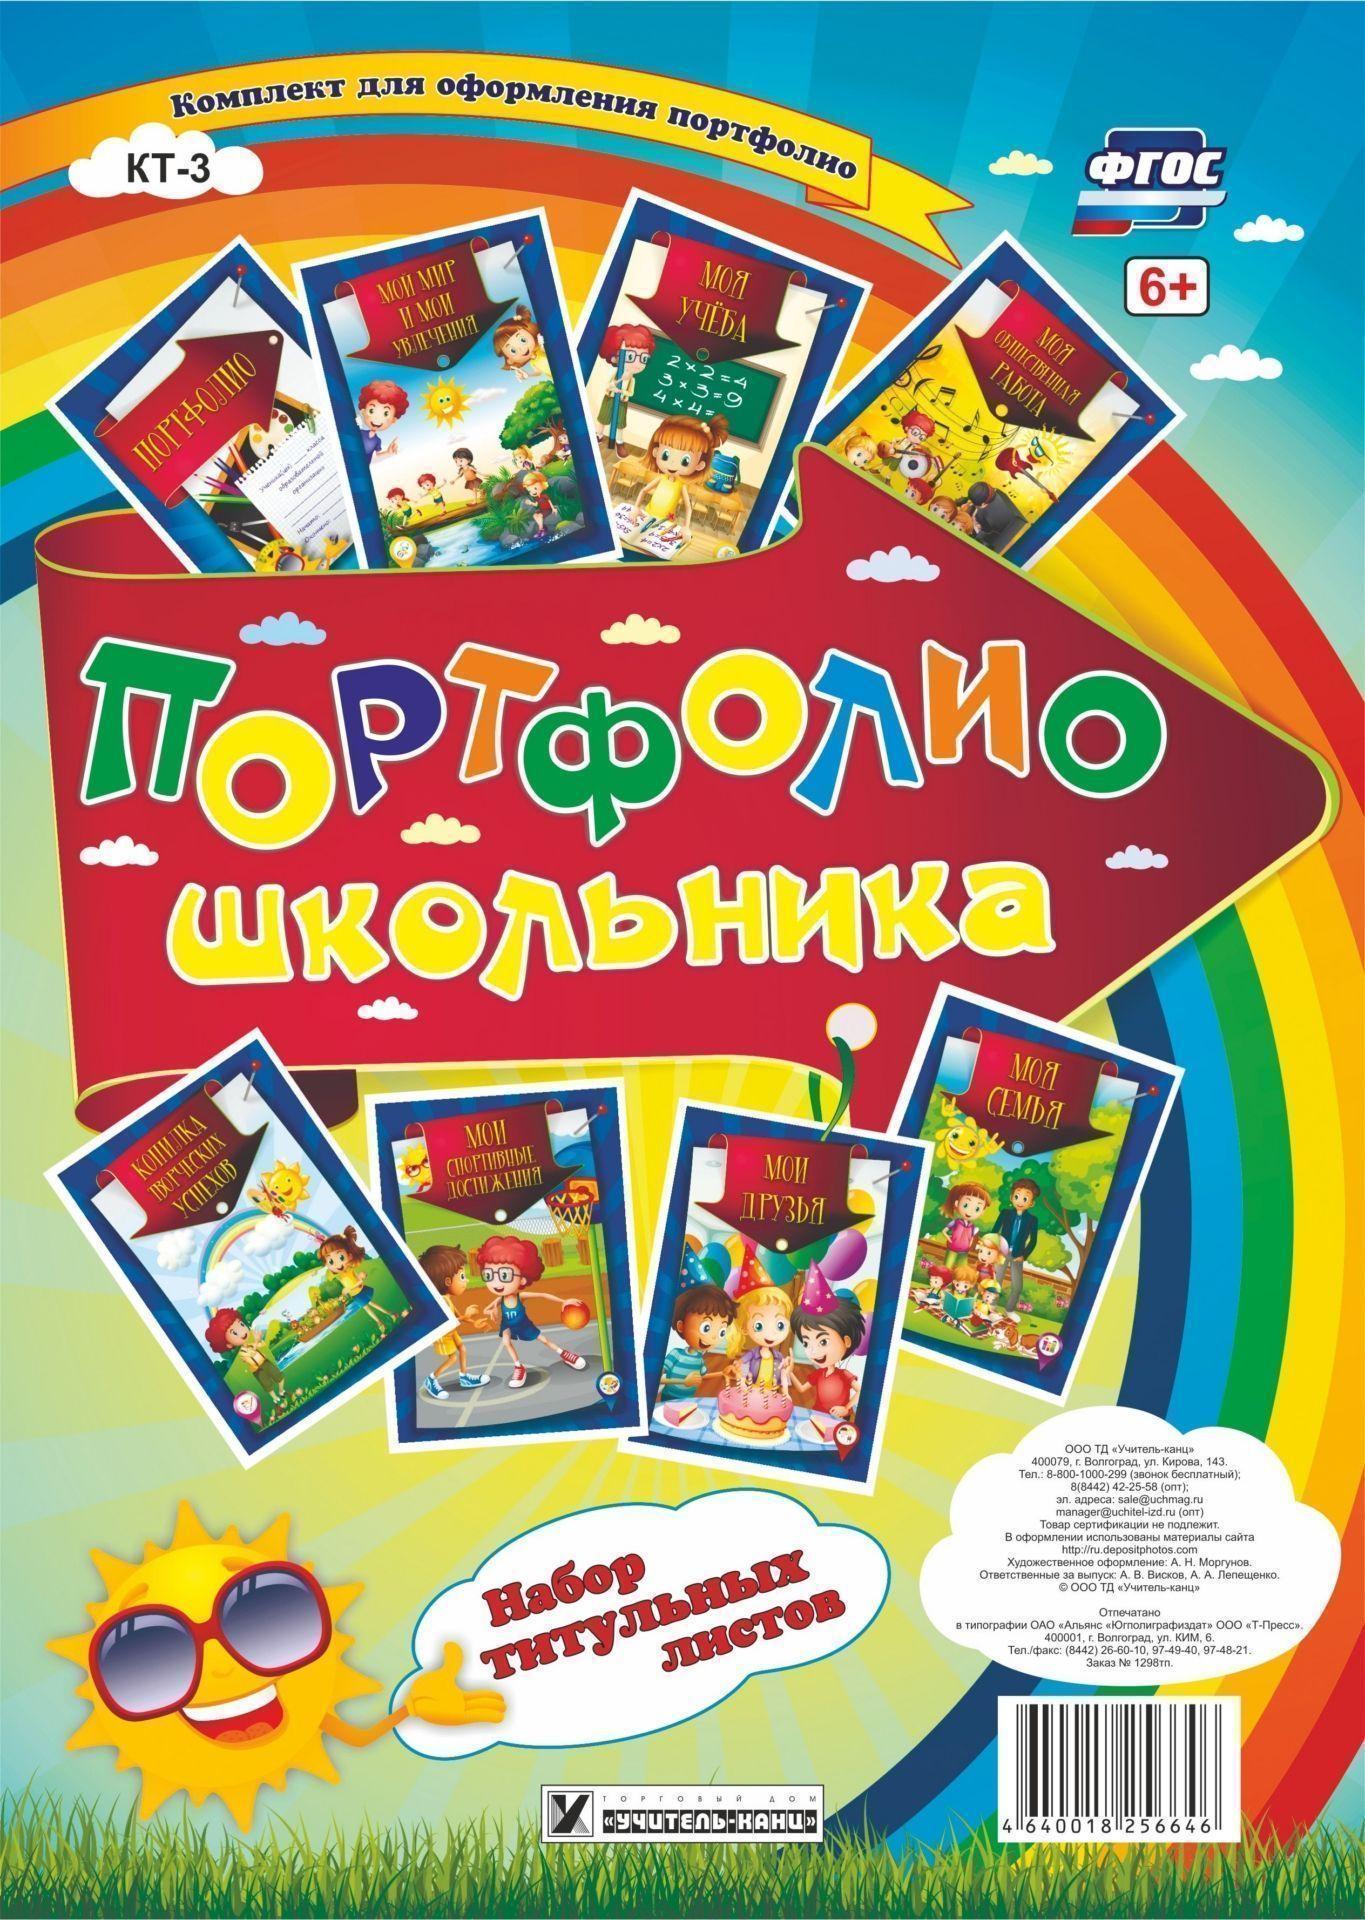 Набор титульных листов для Портфолио школьника: 8 красочных разделителей